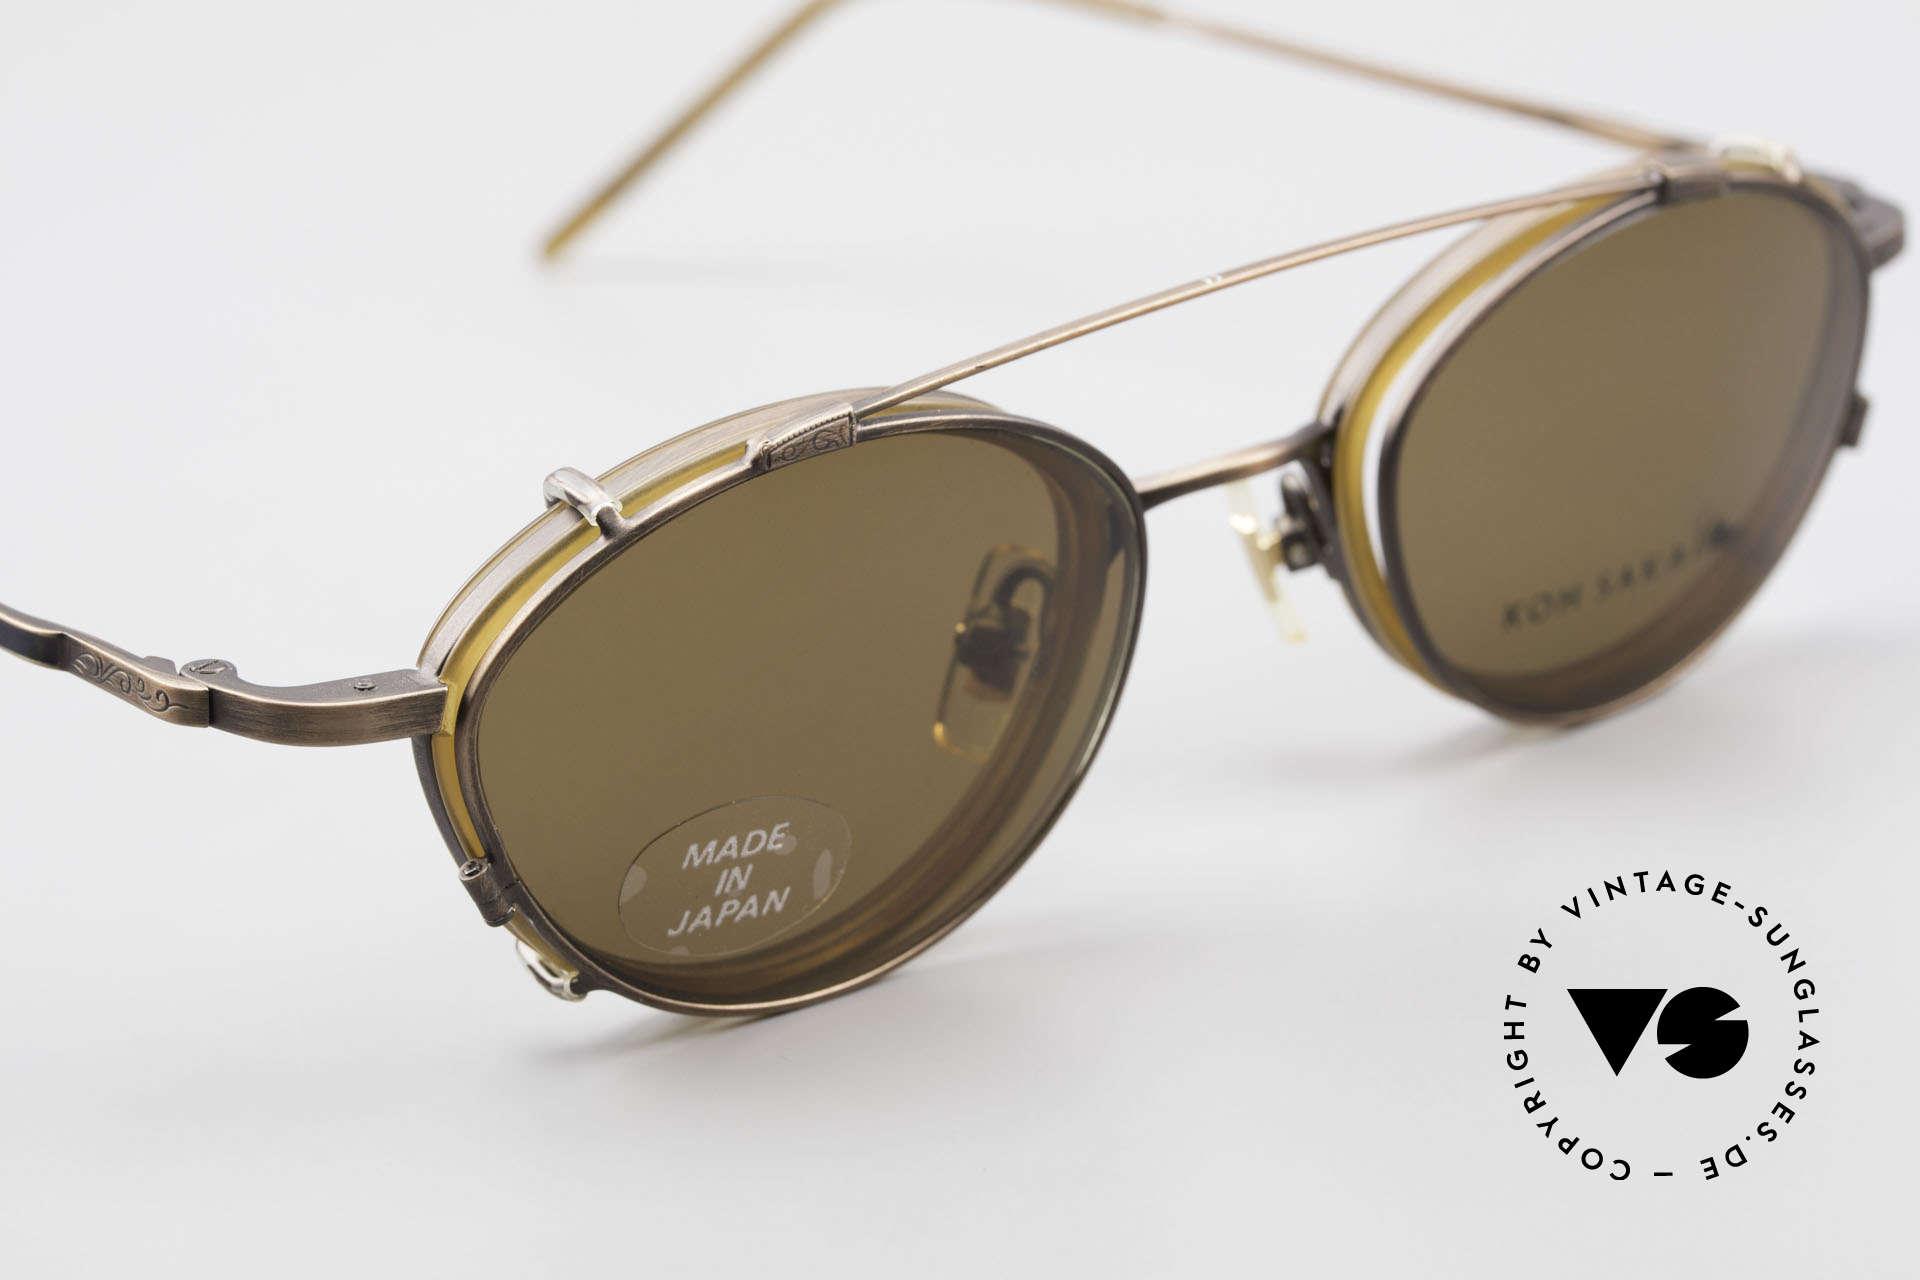 Koh Sakai KS9832 Vintage Brille Mit SonnenClip, entsprechend sind Qualität & Anmutung identisch top, Passend für Herren und Damen